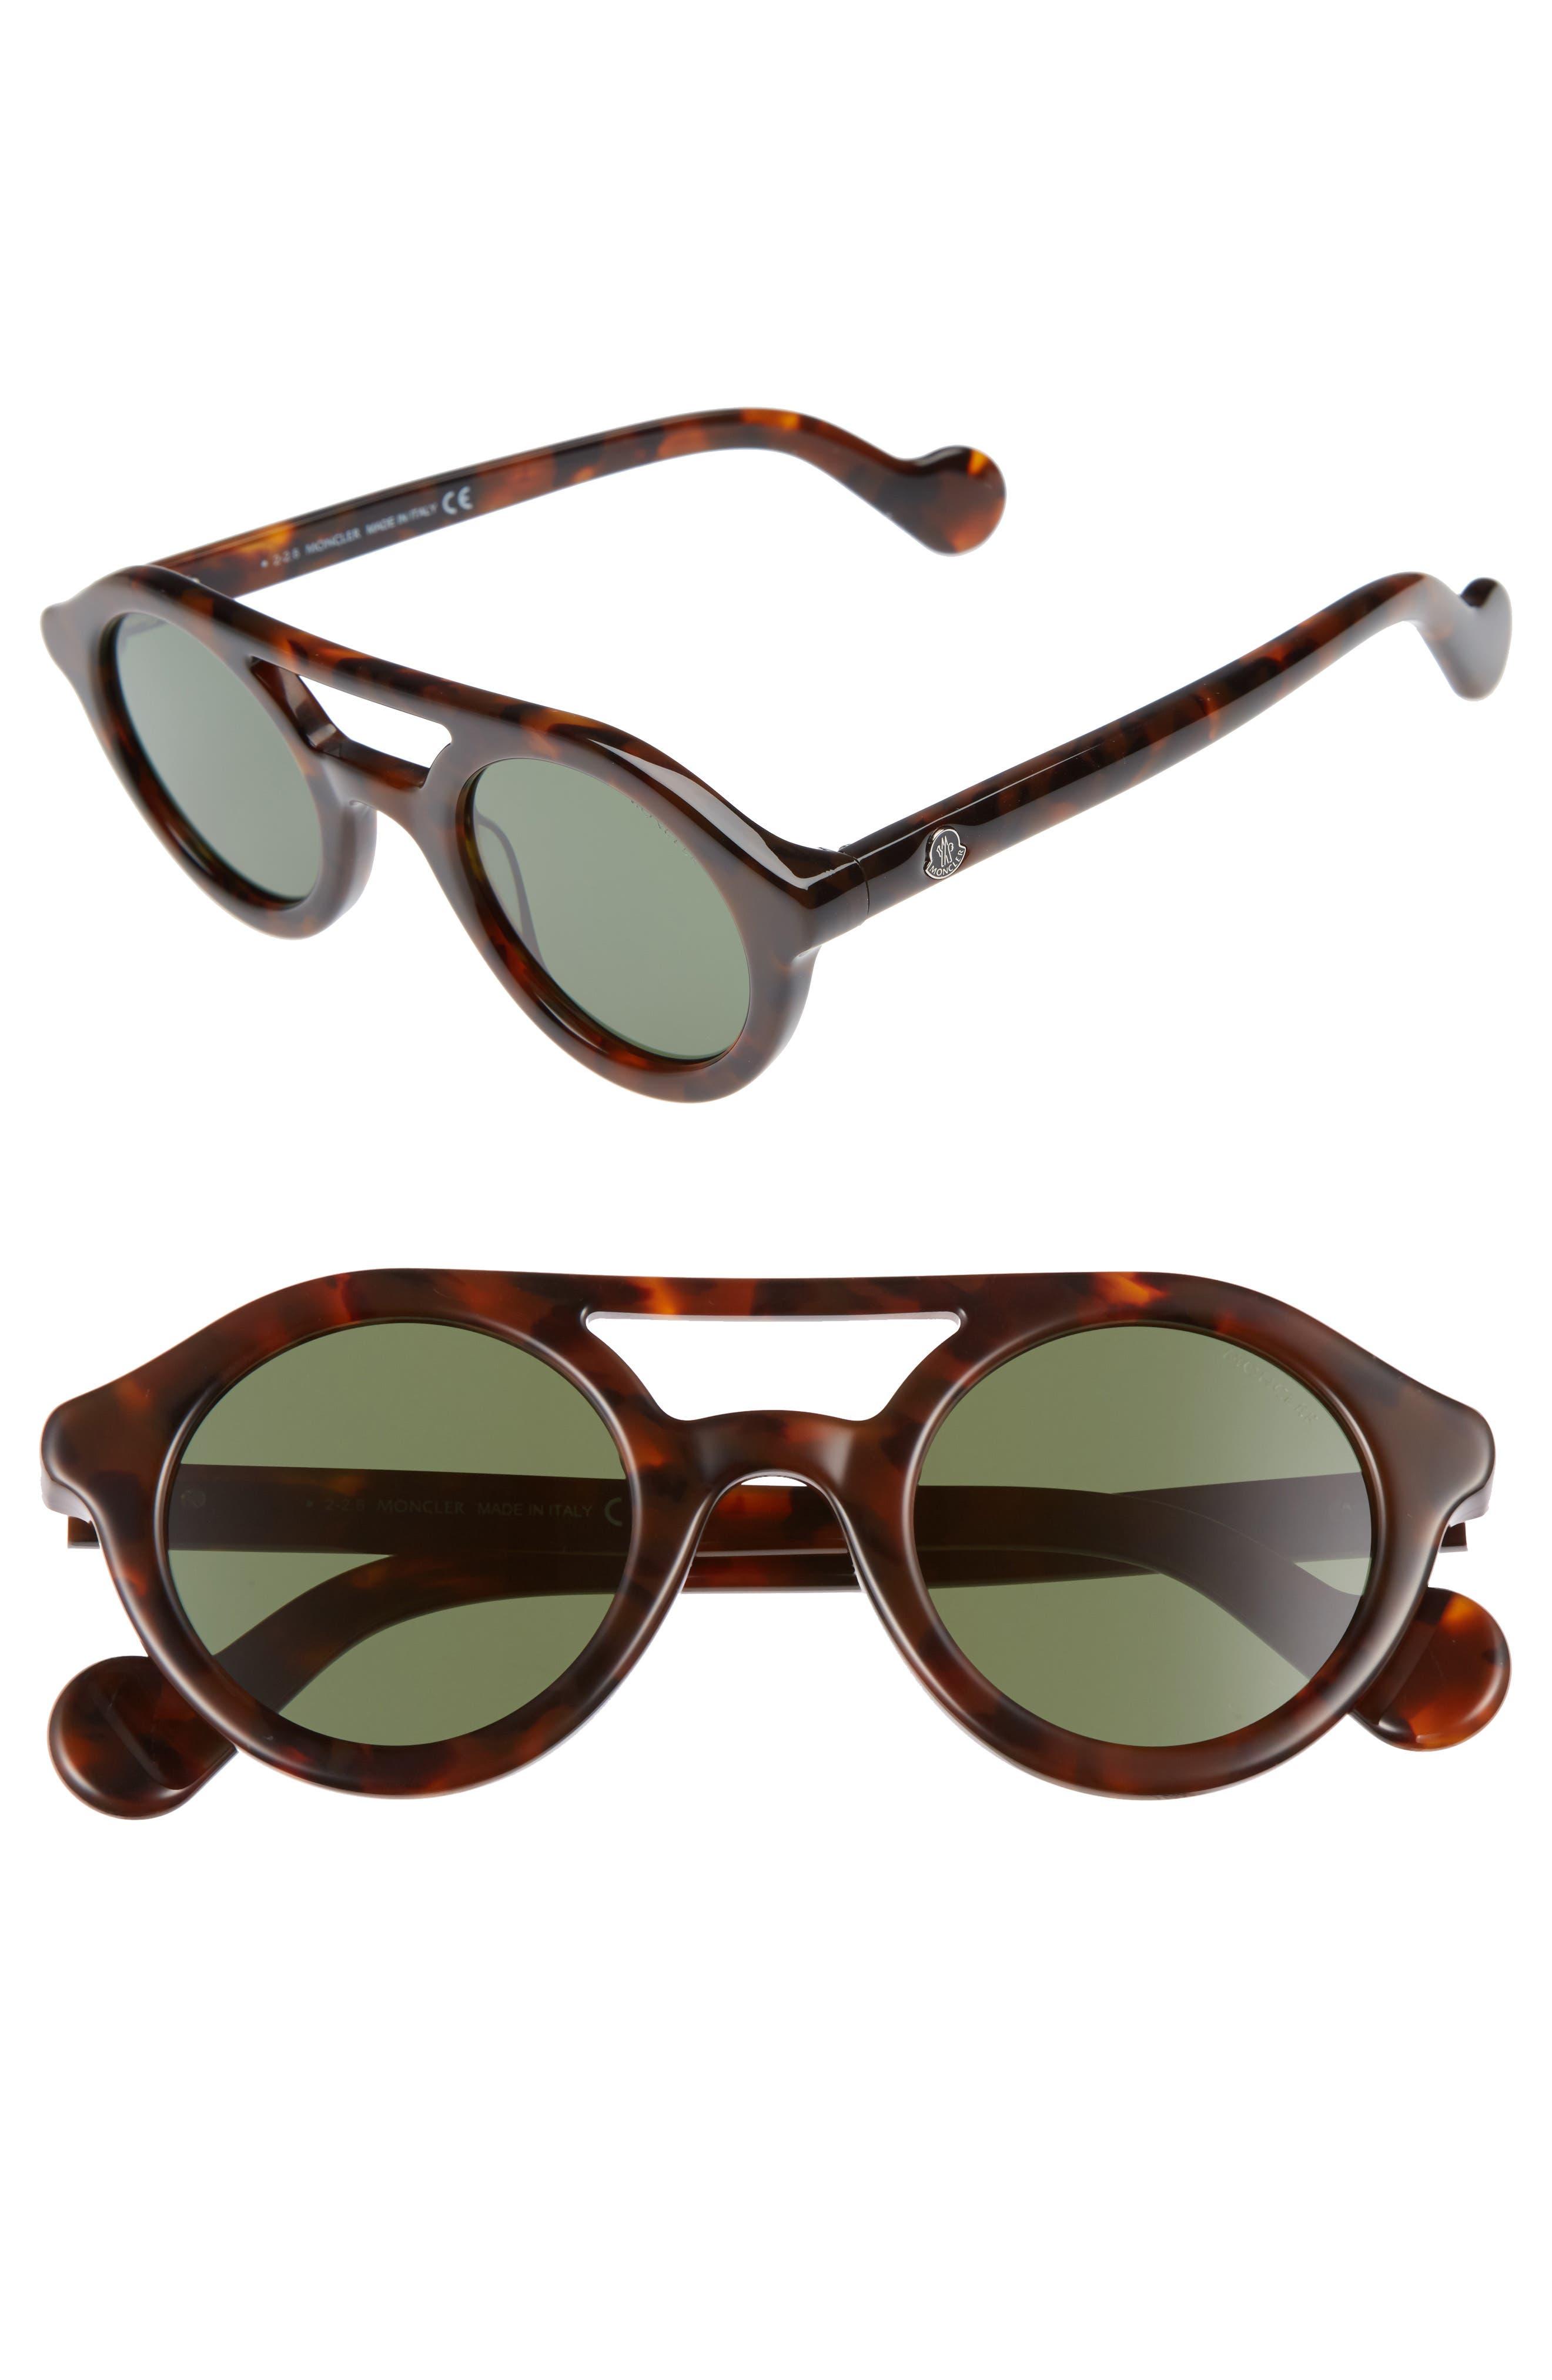 72b8e787f24 Moncler 47Mm Rounded Sunglasses - Dark Havana   Green ...